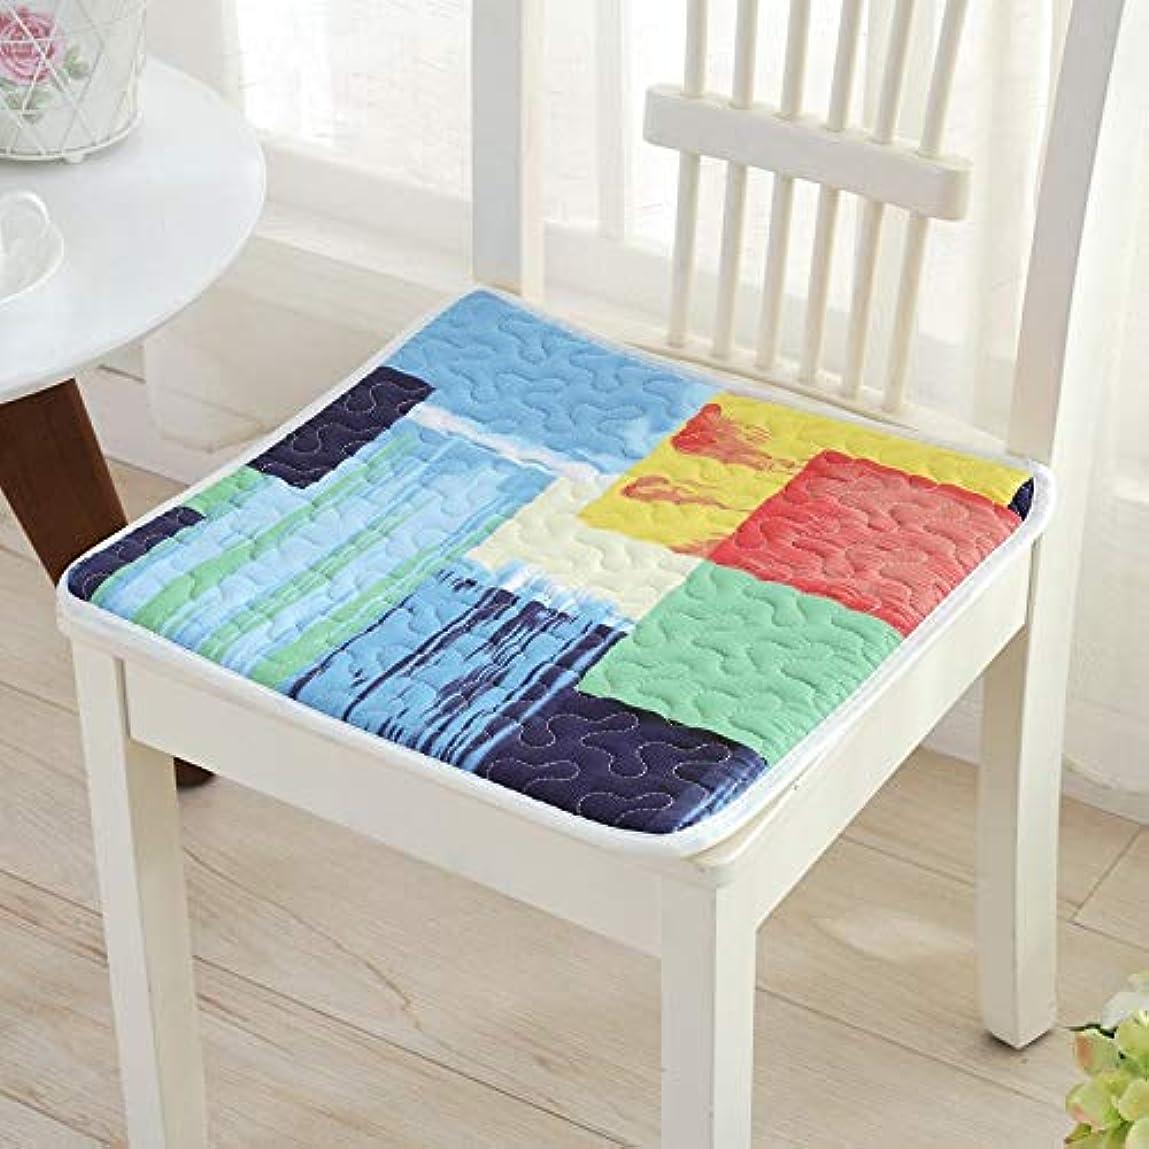 ファイナンス年金シンポジウムLIFE 現代スーパーソフト椅子クッション非スリップシートクッションマットソファホームデコレーションバッククッションチェアパッド 40*40/45*45/50*50 センチメートル クッション 椅子